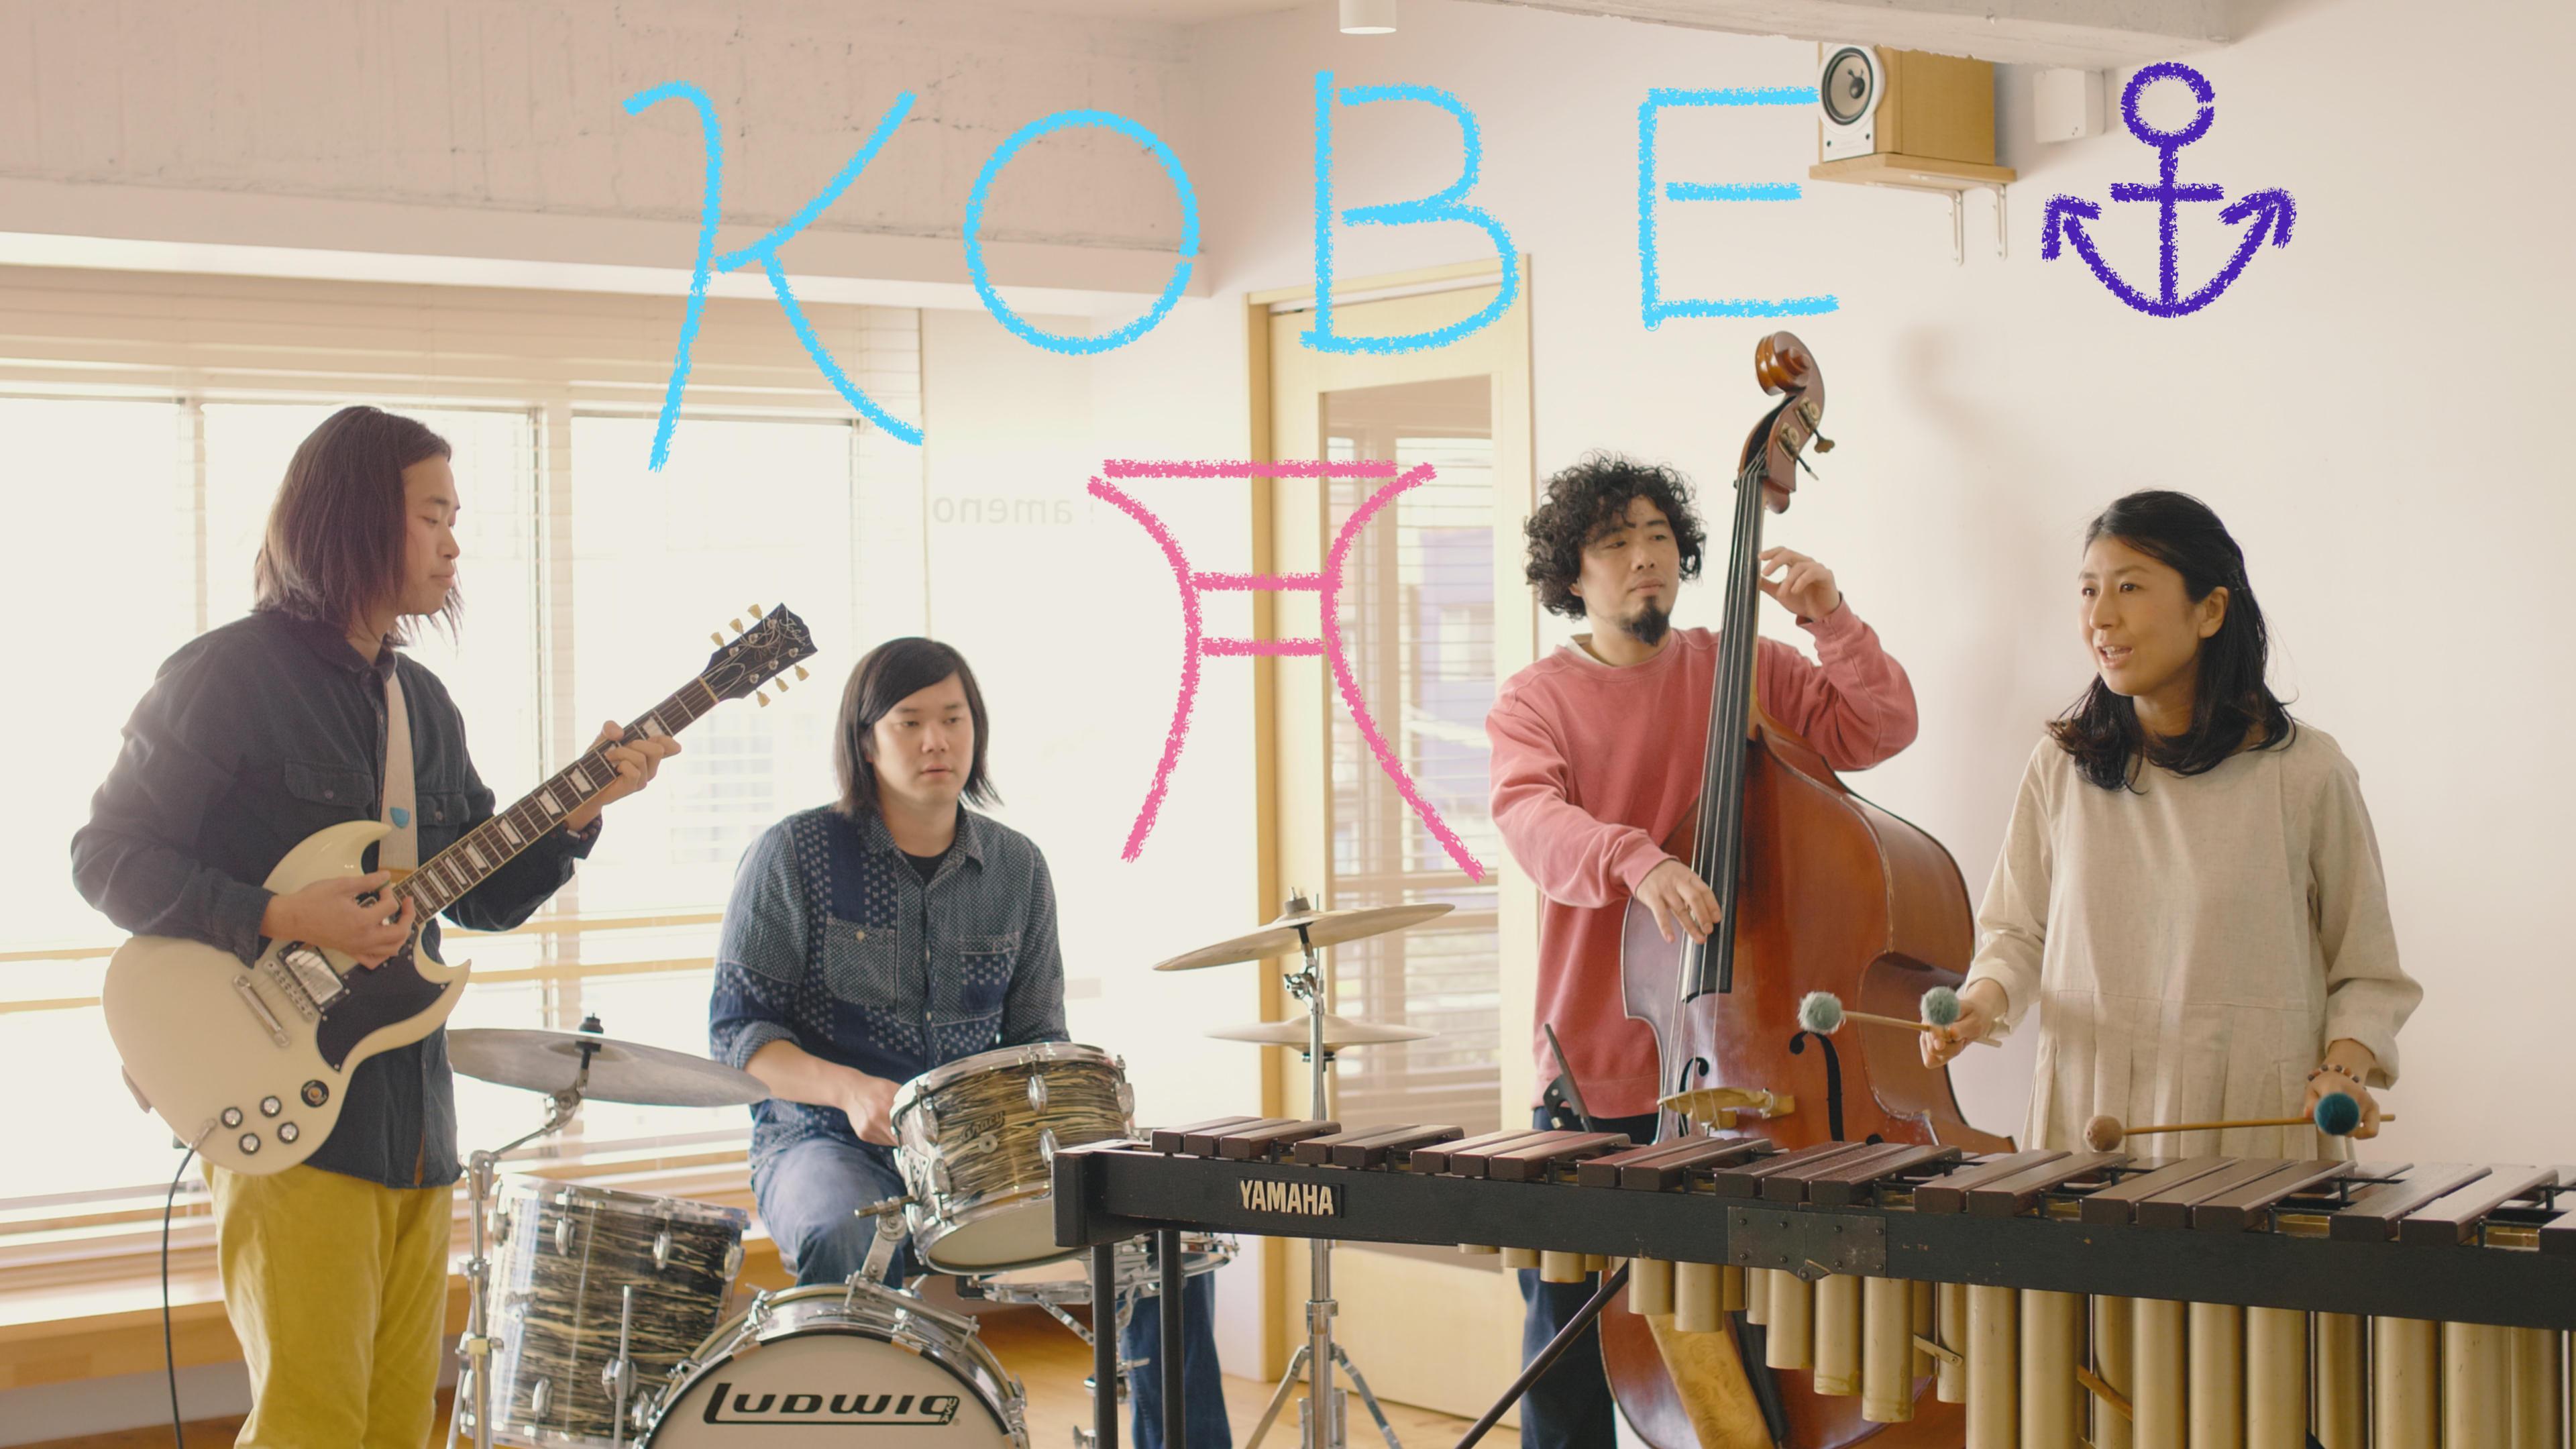 影山朋子1st album『光の速度、影の時間』リリースライブ神戸公演 〜ふわり、光る髪が躍りはじめる〜